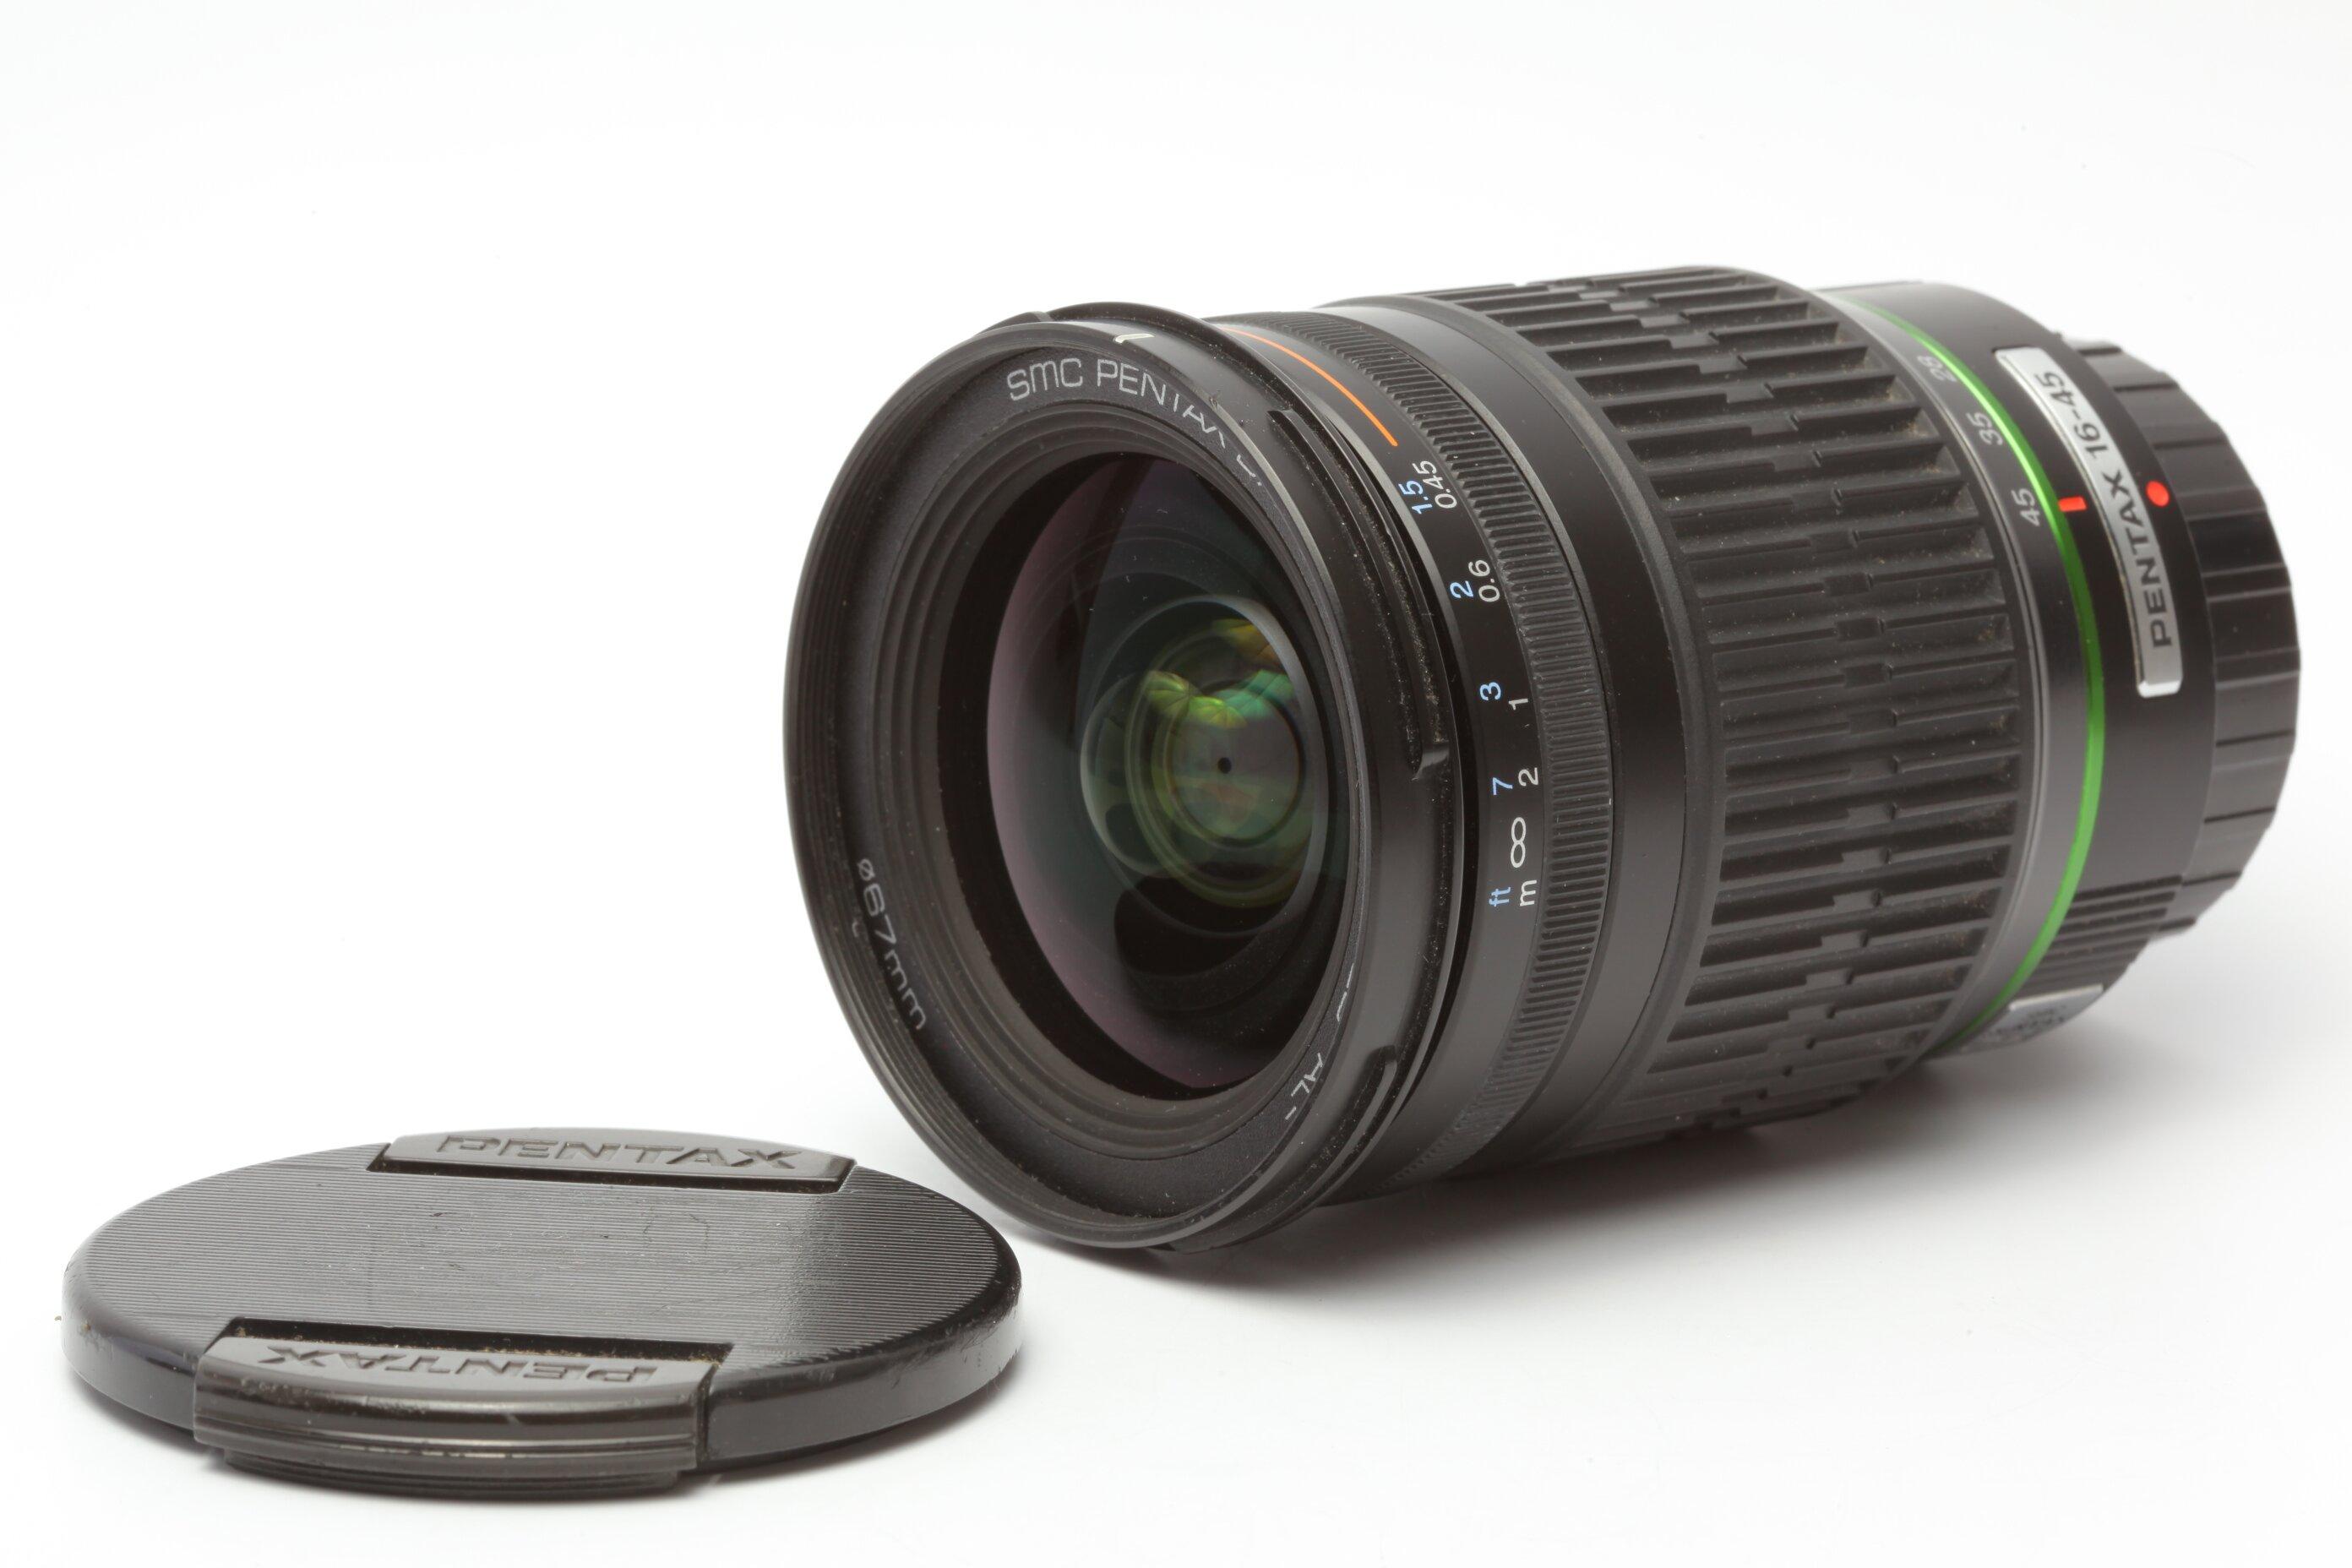 Pentax DA 4/16-45mm SMC ED AL für Pentax K